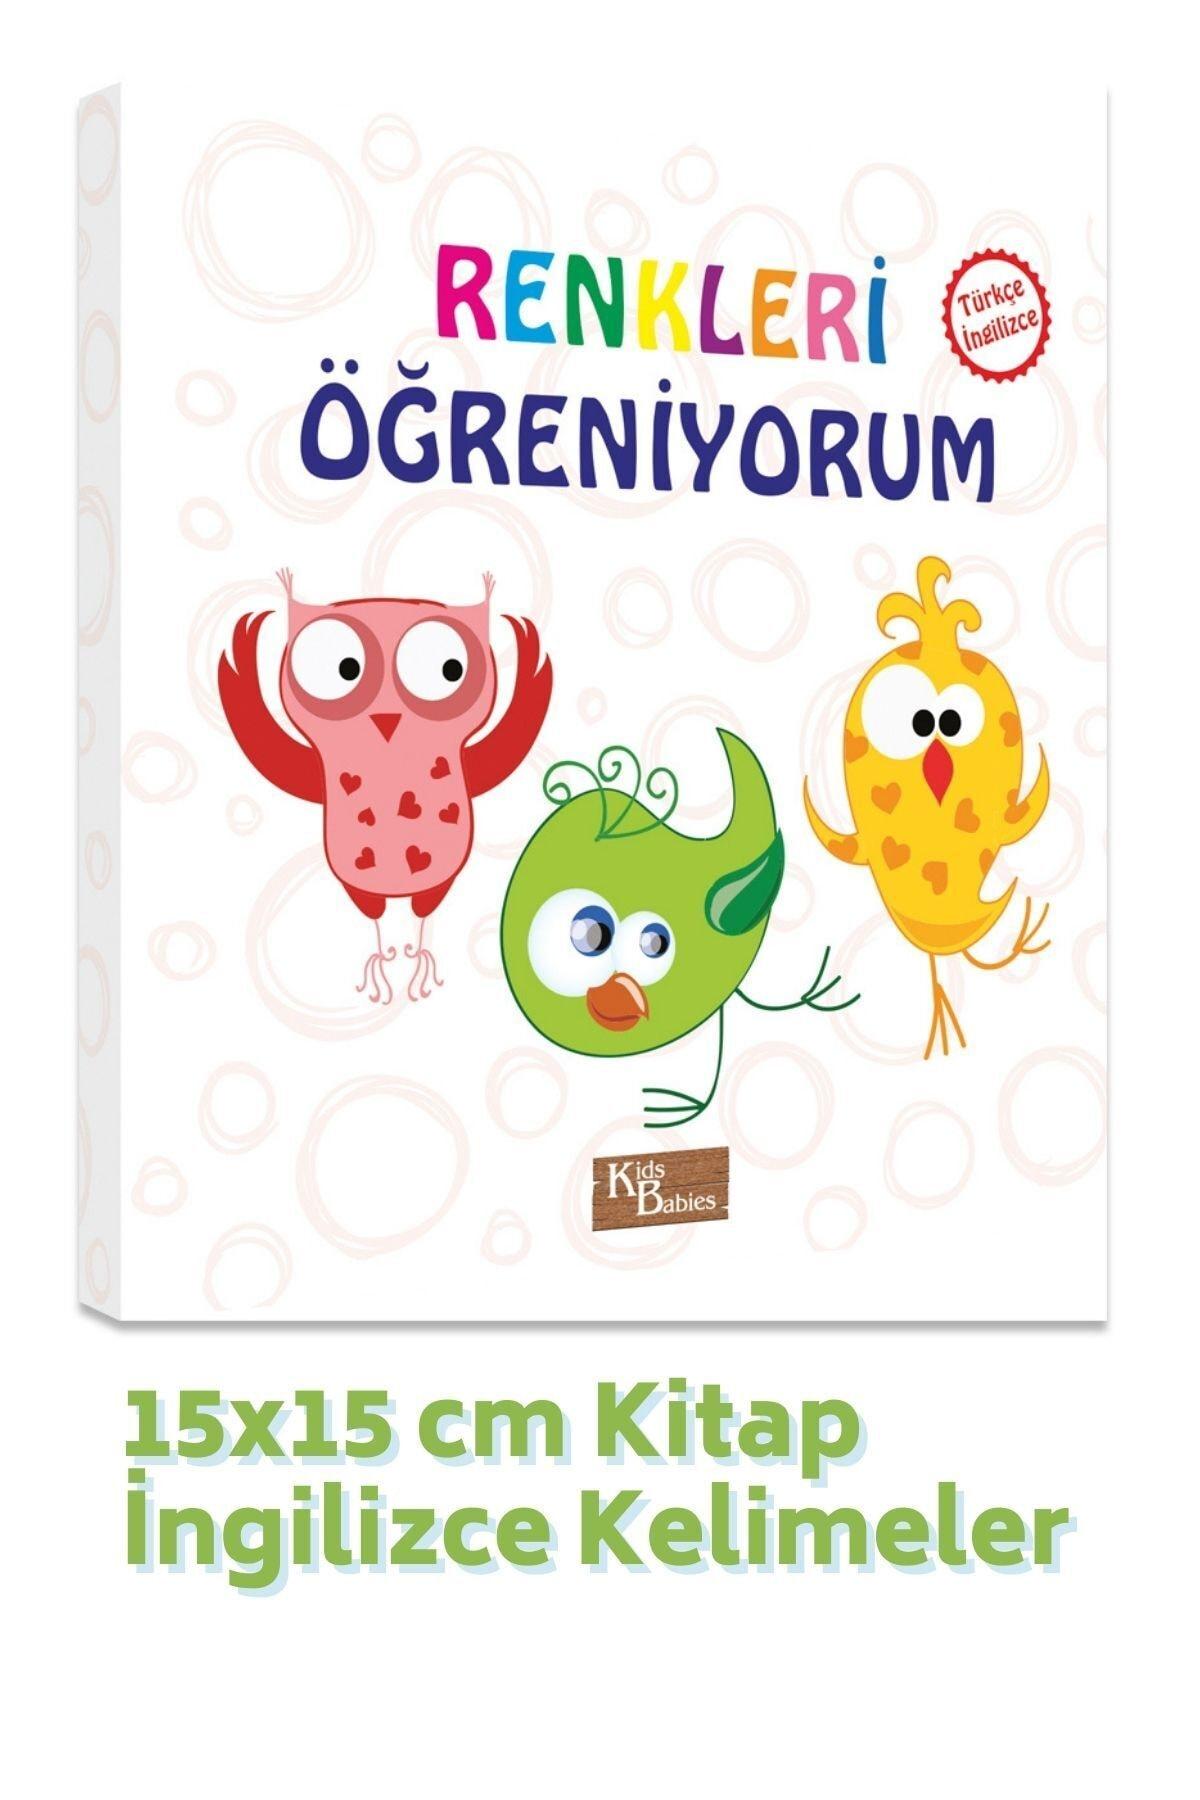 Renkleri Öğreniyorum Türkçe-ingilizce Kelimeler 15x15 Cm Kitap